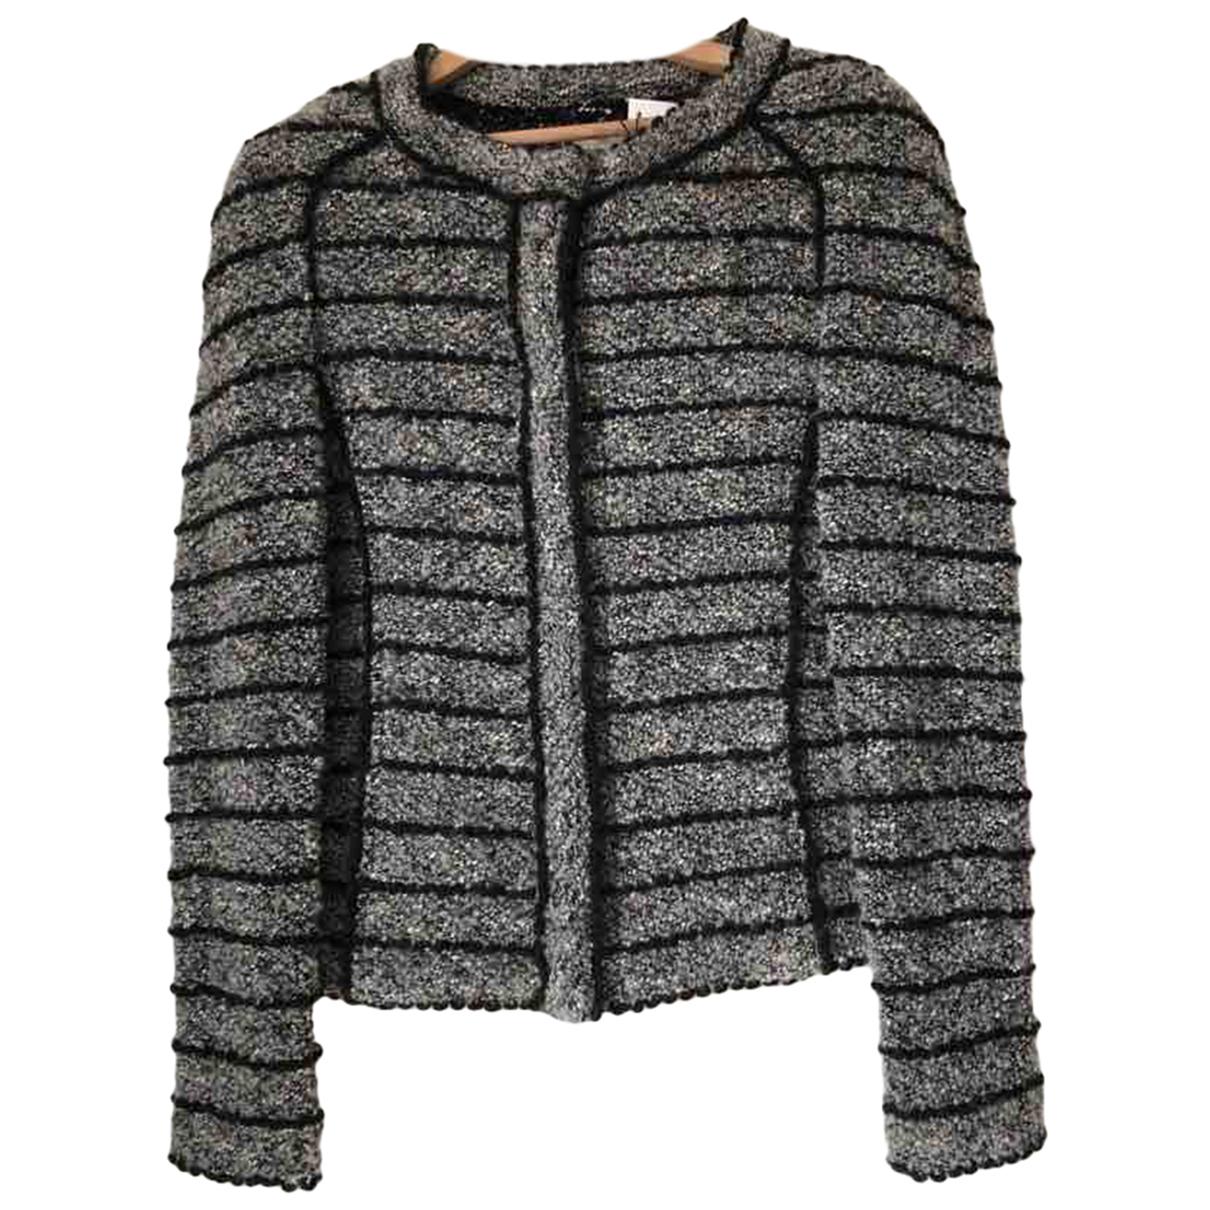 Isabel Marant Etoile \N Jacke in  Grau Wolle